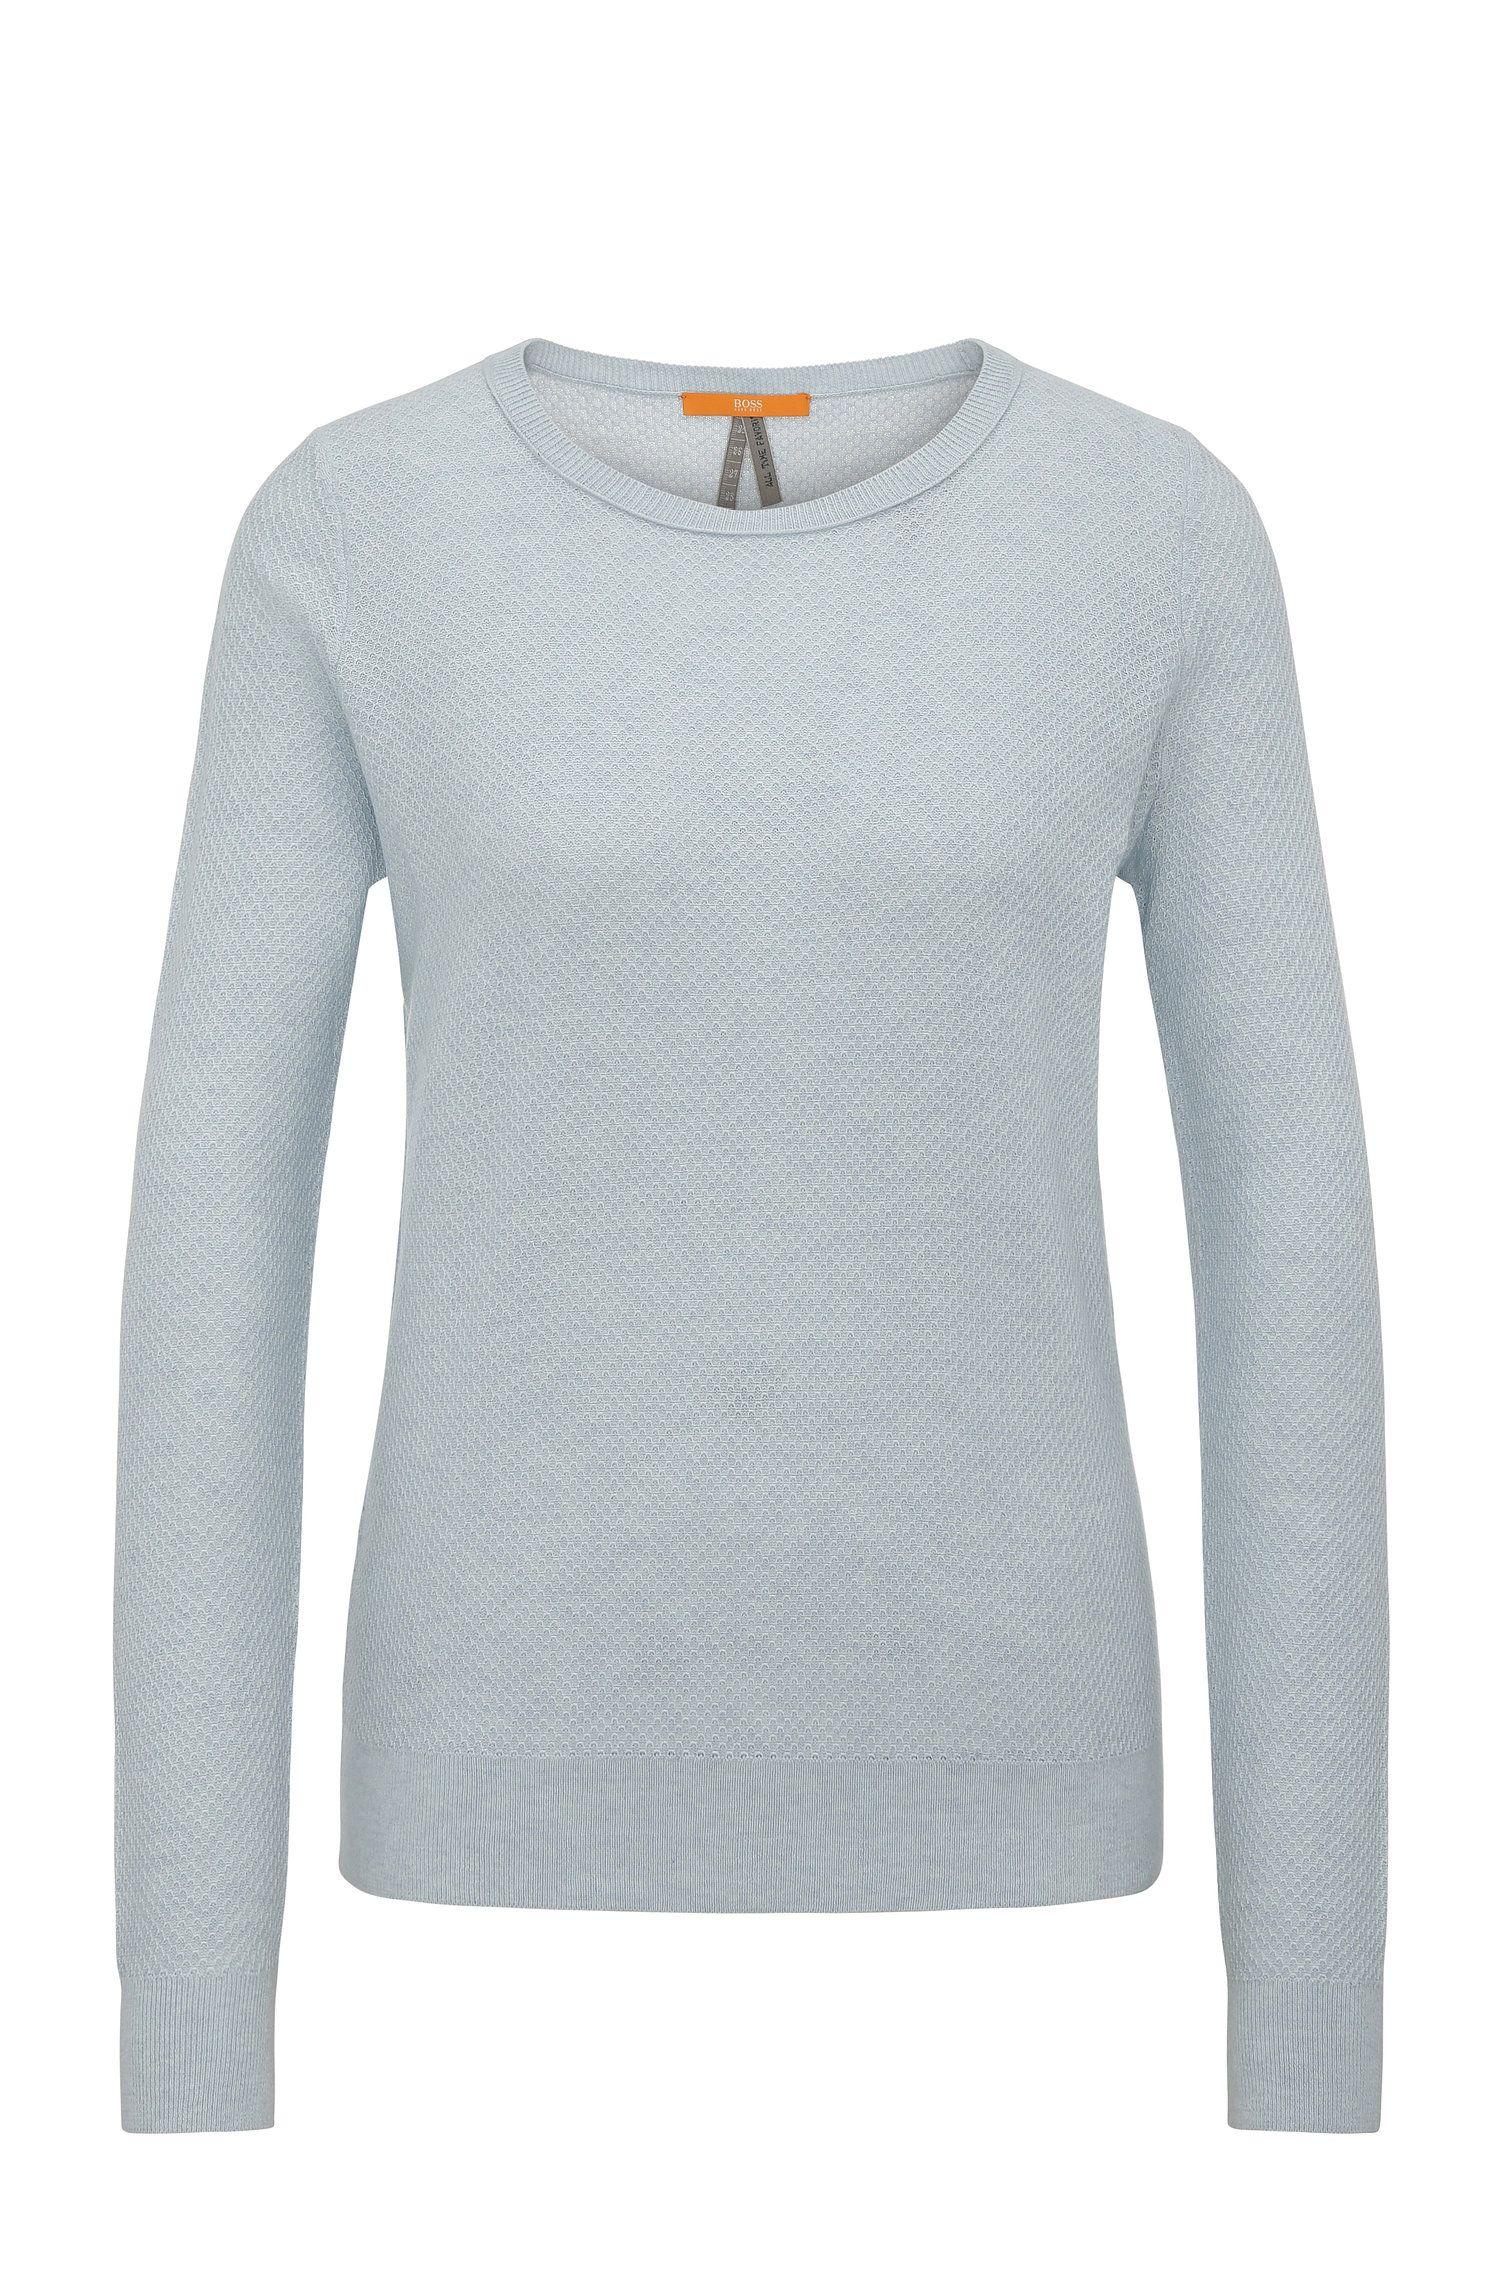 Relaxed-Fit Sweatshirt aus Baumwoll-Mix mit Seide in Waben-Struktur: ´Injkey_2`